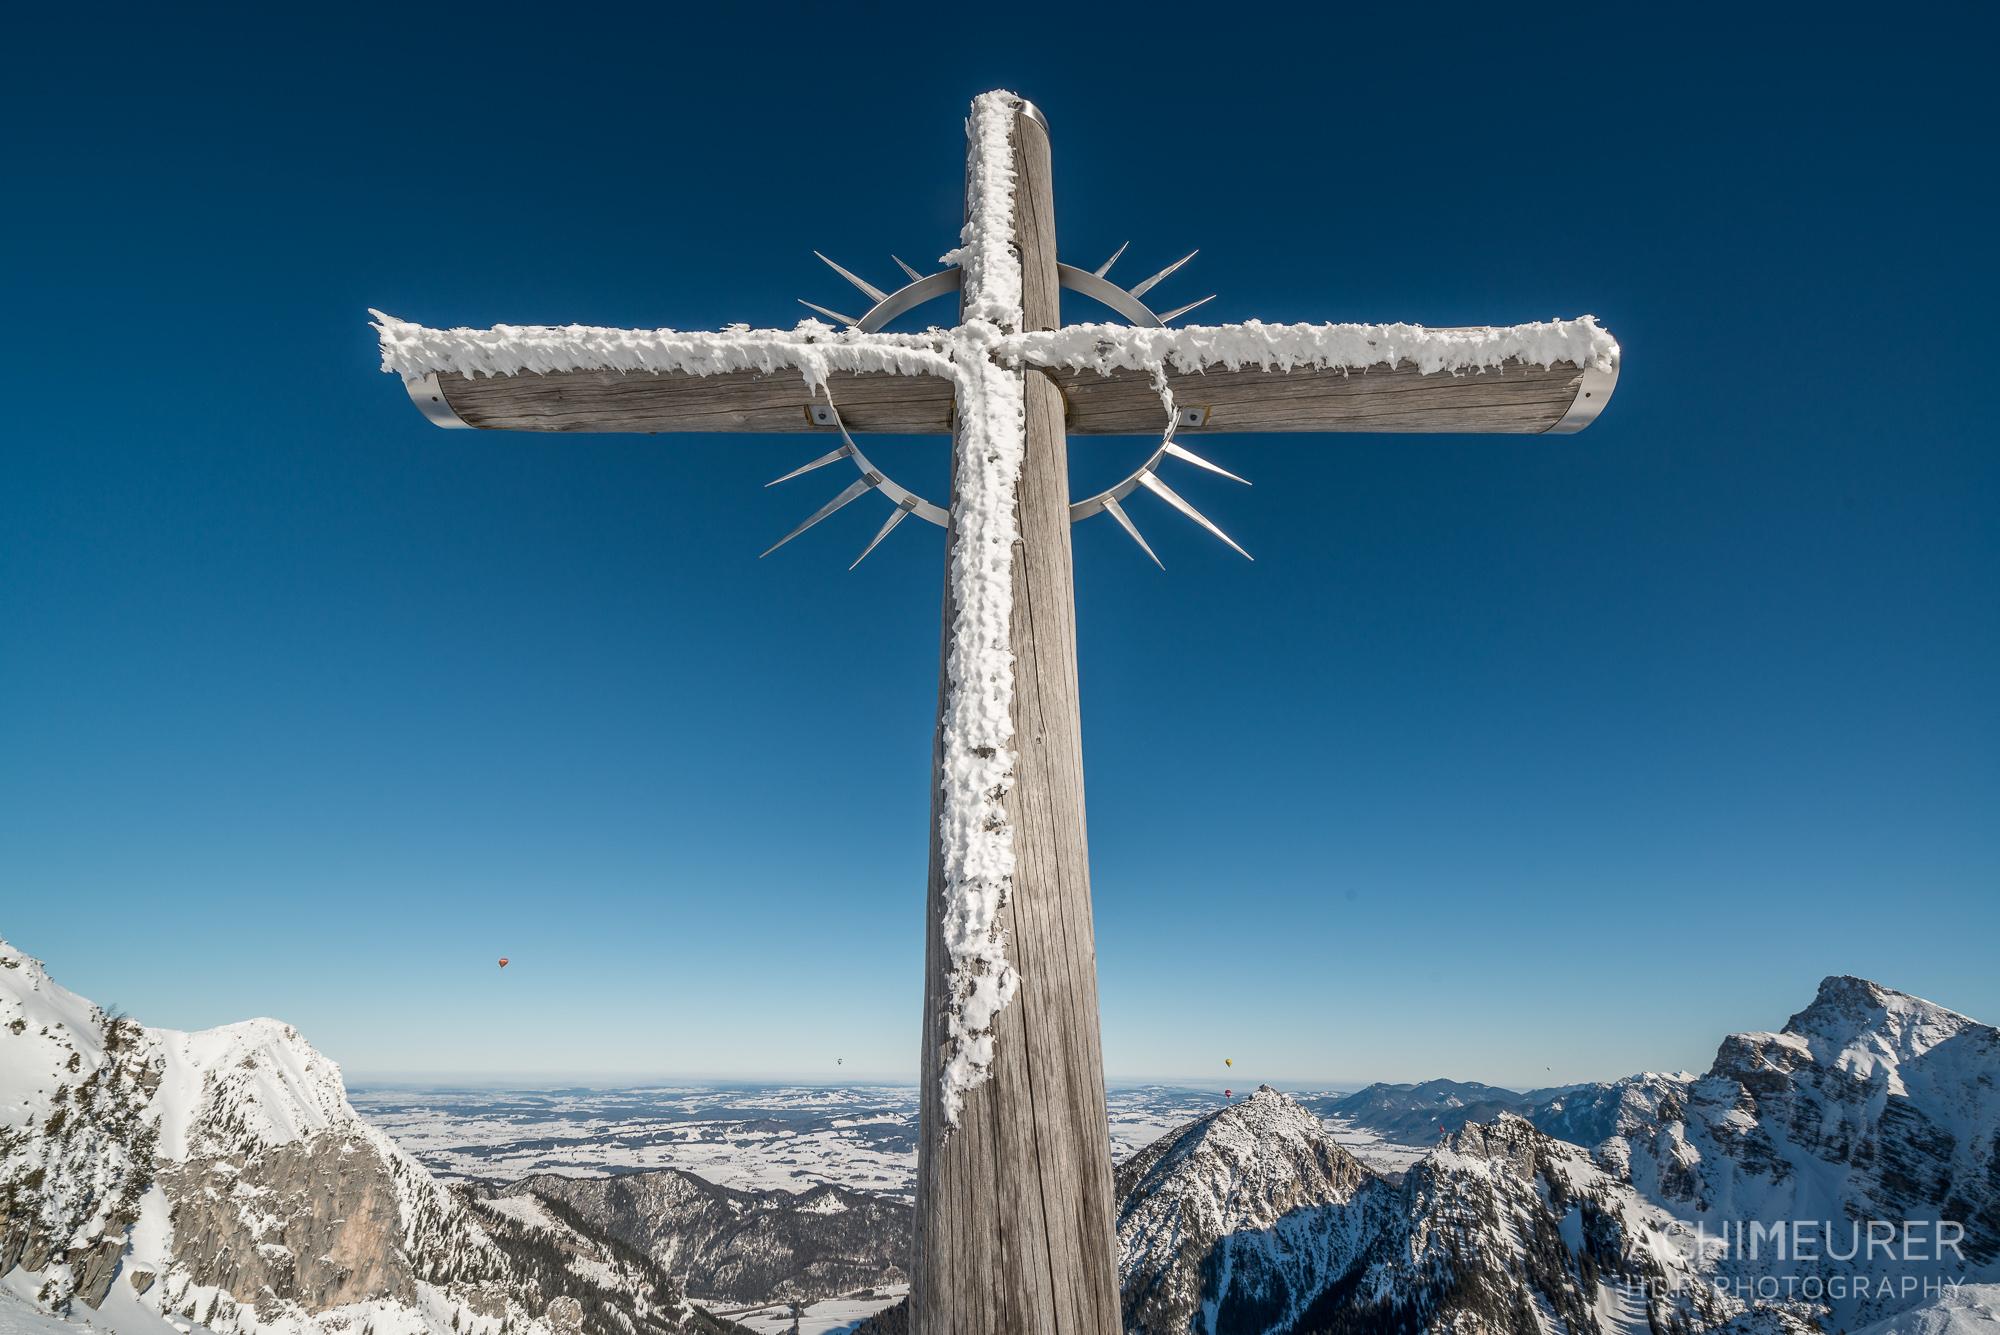 Die-schoensten-Winterfotos-Winterlandschaft-20 by Achim Meurer.